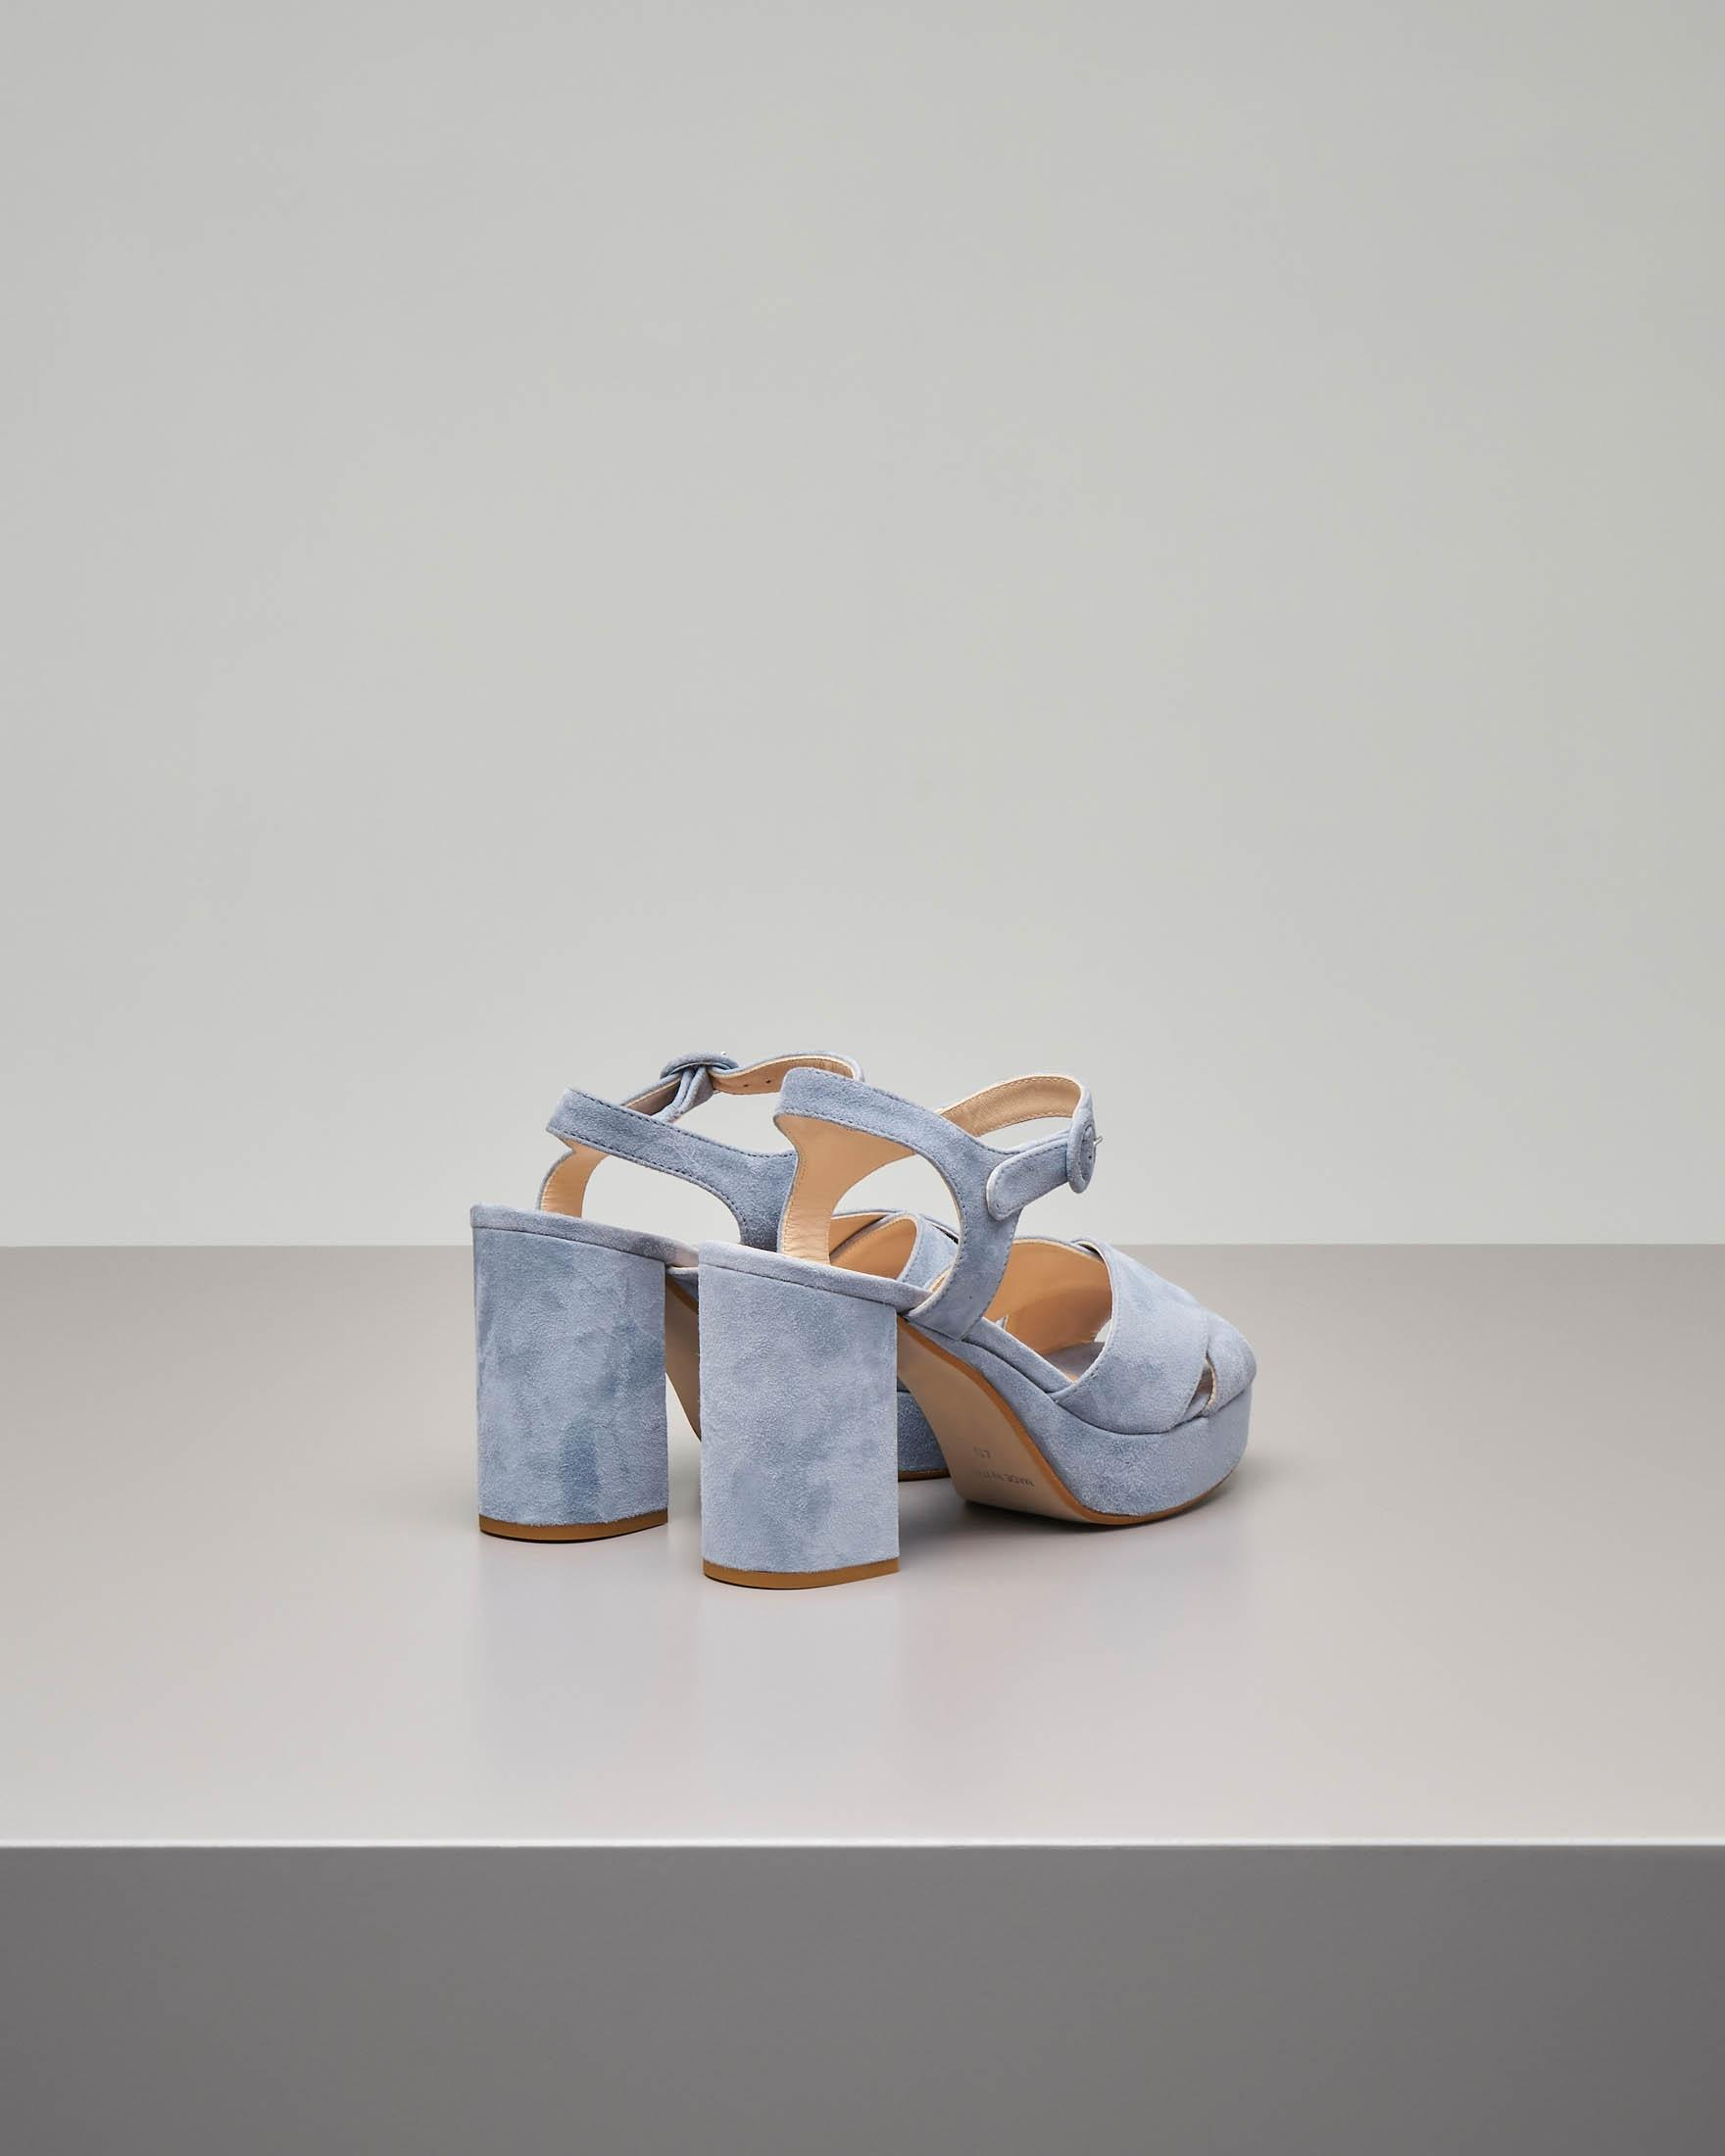 Sandalo plateau in camoscio color grigio polvere con cinturino alla caviglia e fascette incrociate